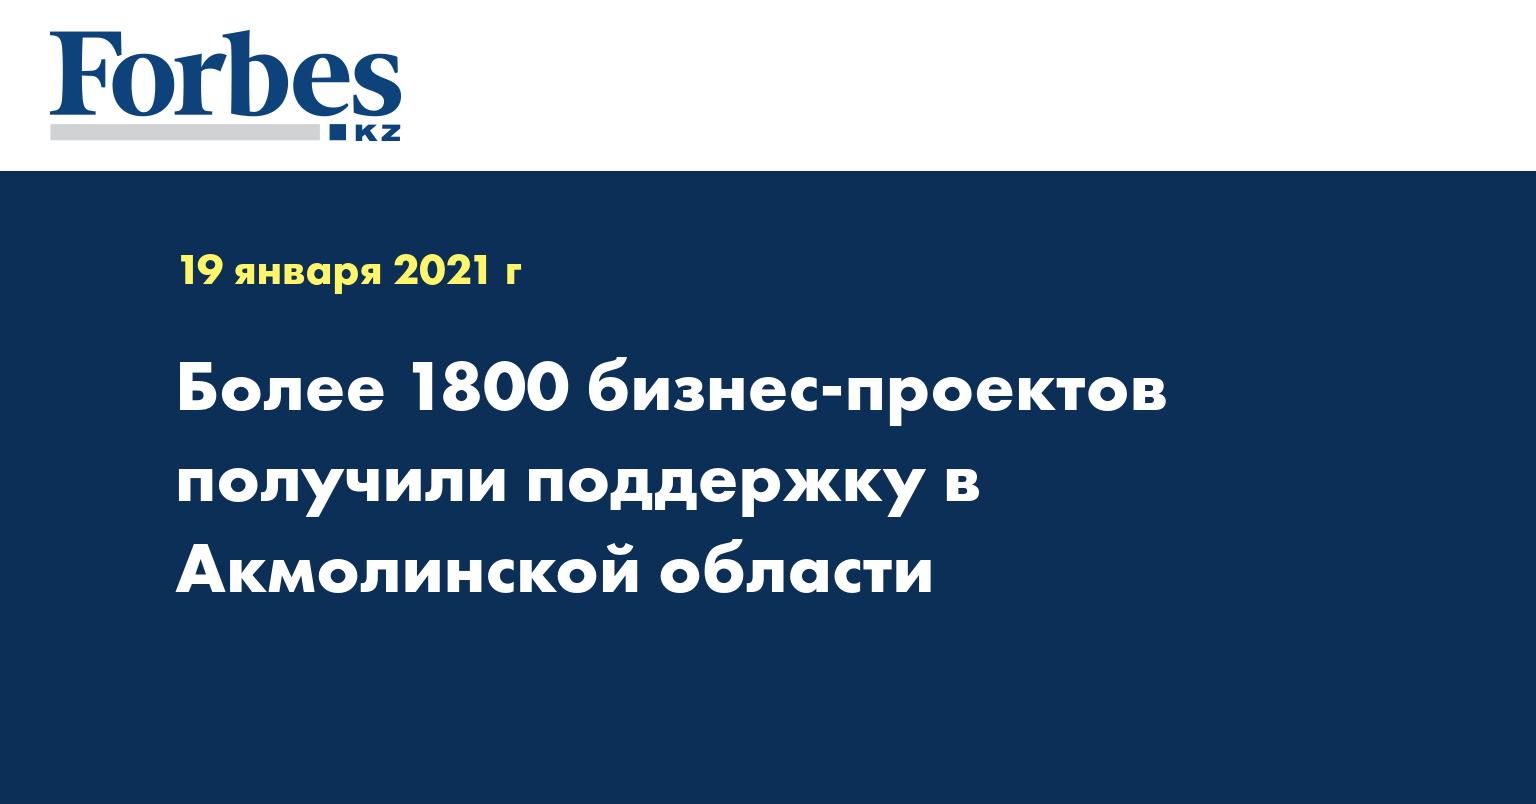 Более 1800 бизнес-проектов получили поддержку в Акмолинской области